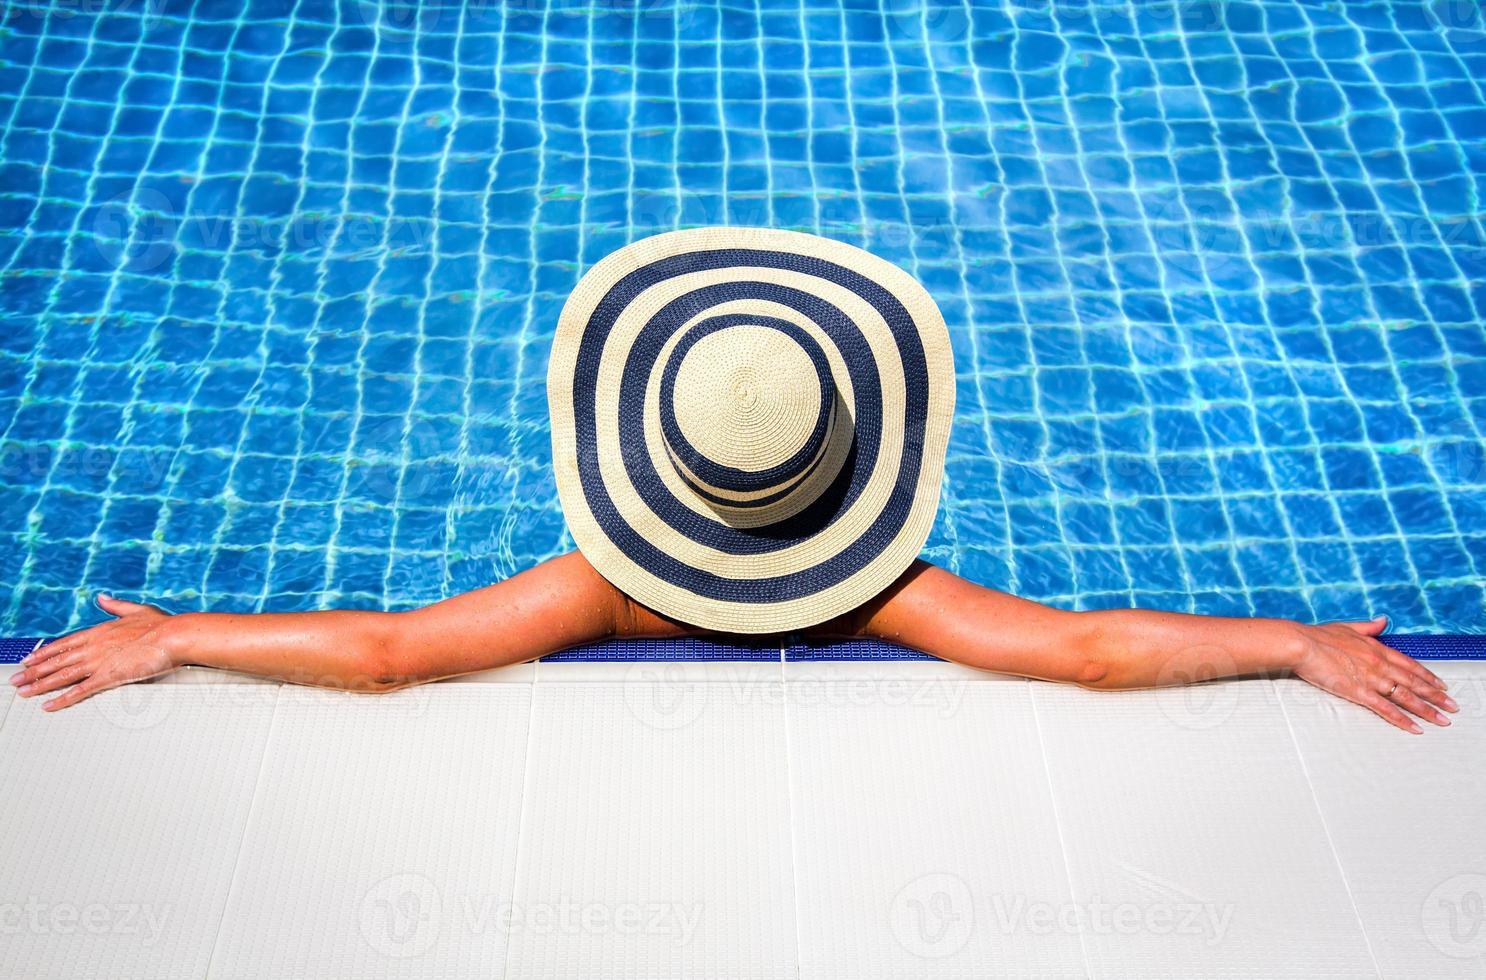 Frau im Strohhut entspannendes Schwimmbad foto